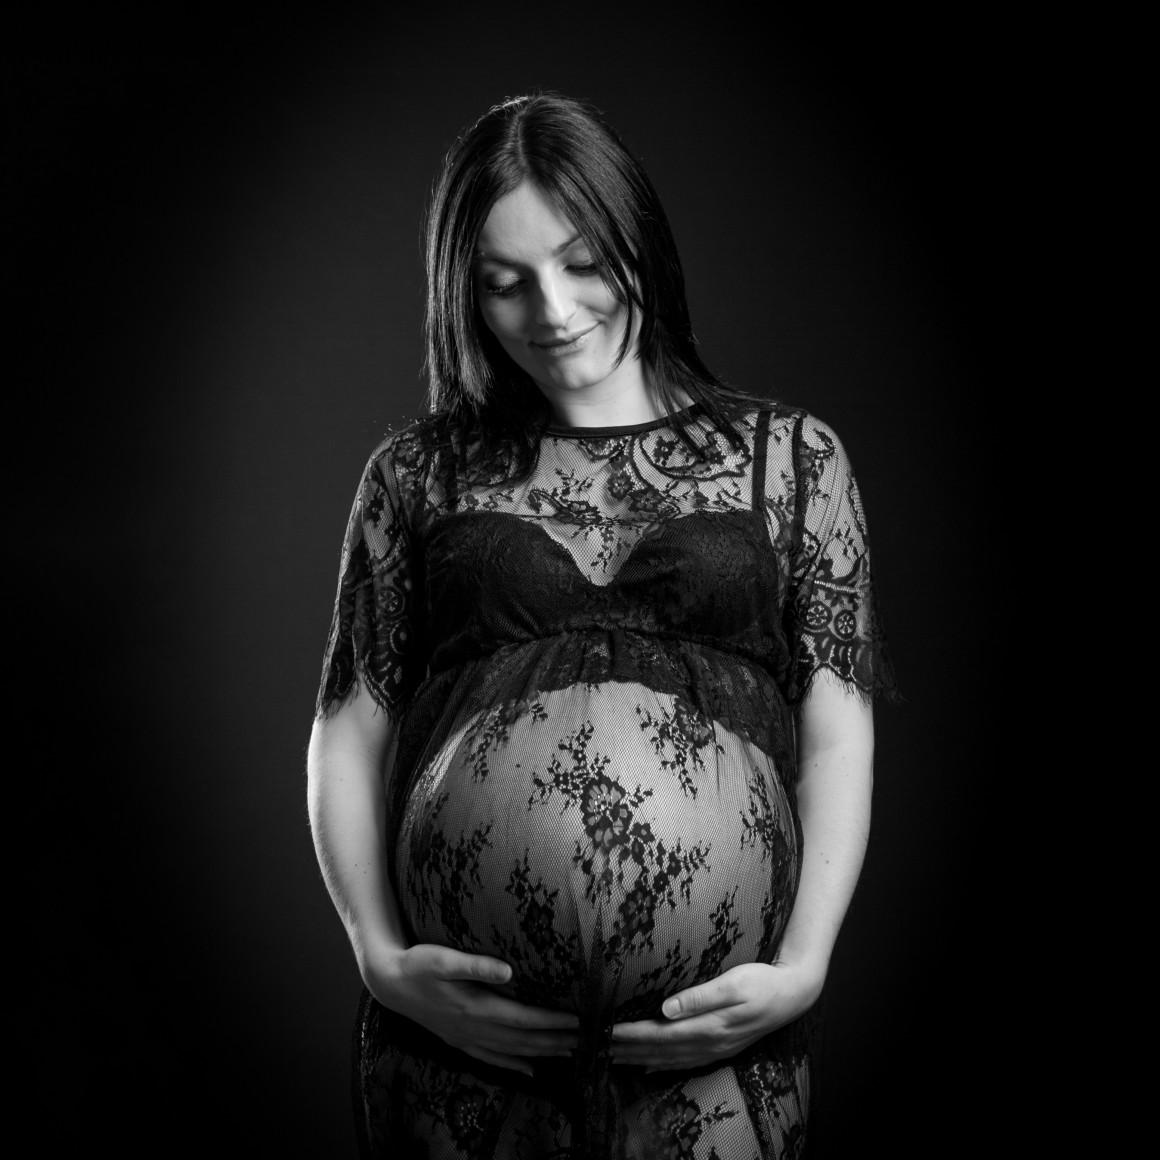 photographe-bourges-femme-enceinte-grossesse-futures-mamans-beauté-9mois-ventre-rond-studio-maternité-photo